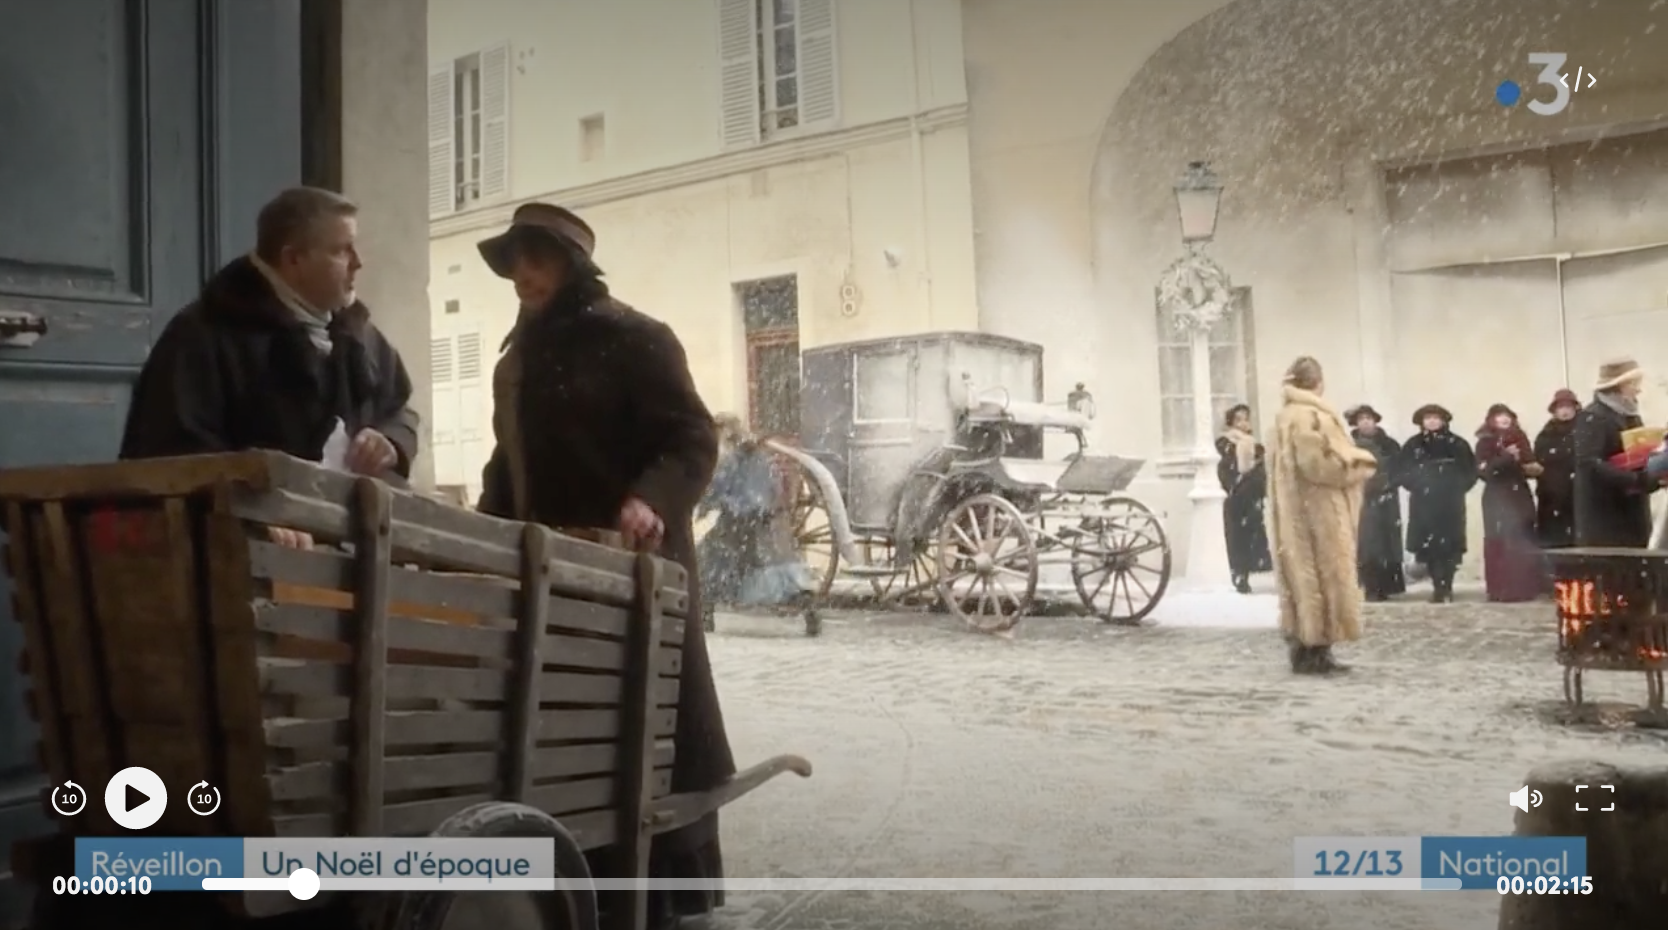 Réveillon : un Noël d'époque au château de Champs-sur-Marn (REPORTAGE)